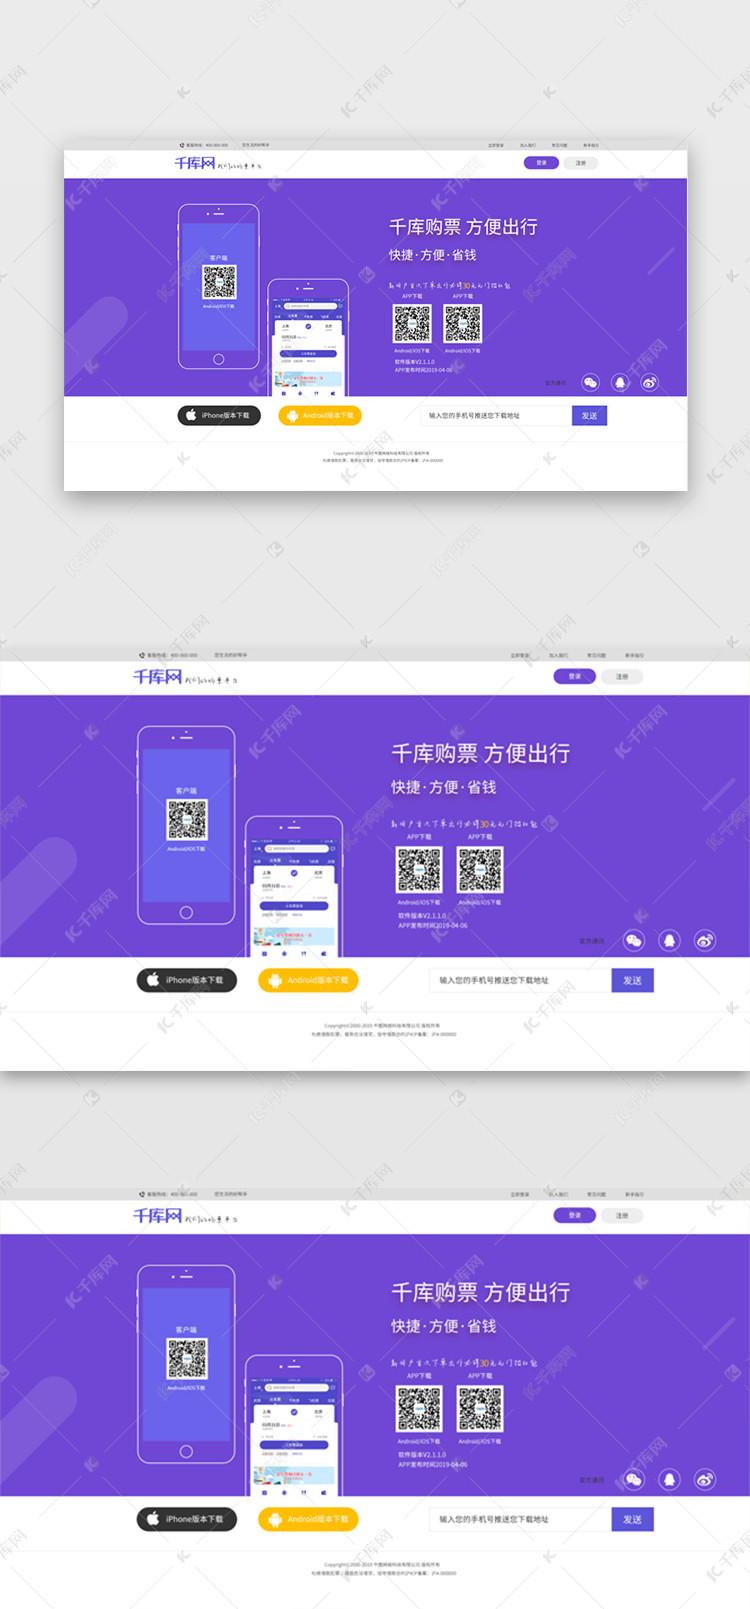 篮紫系网站软件下载页面UI设计设计郊区图片